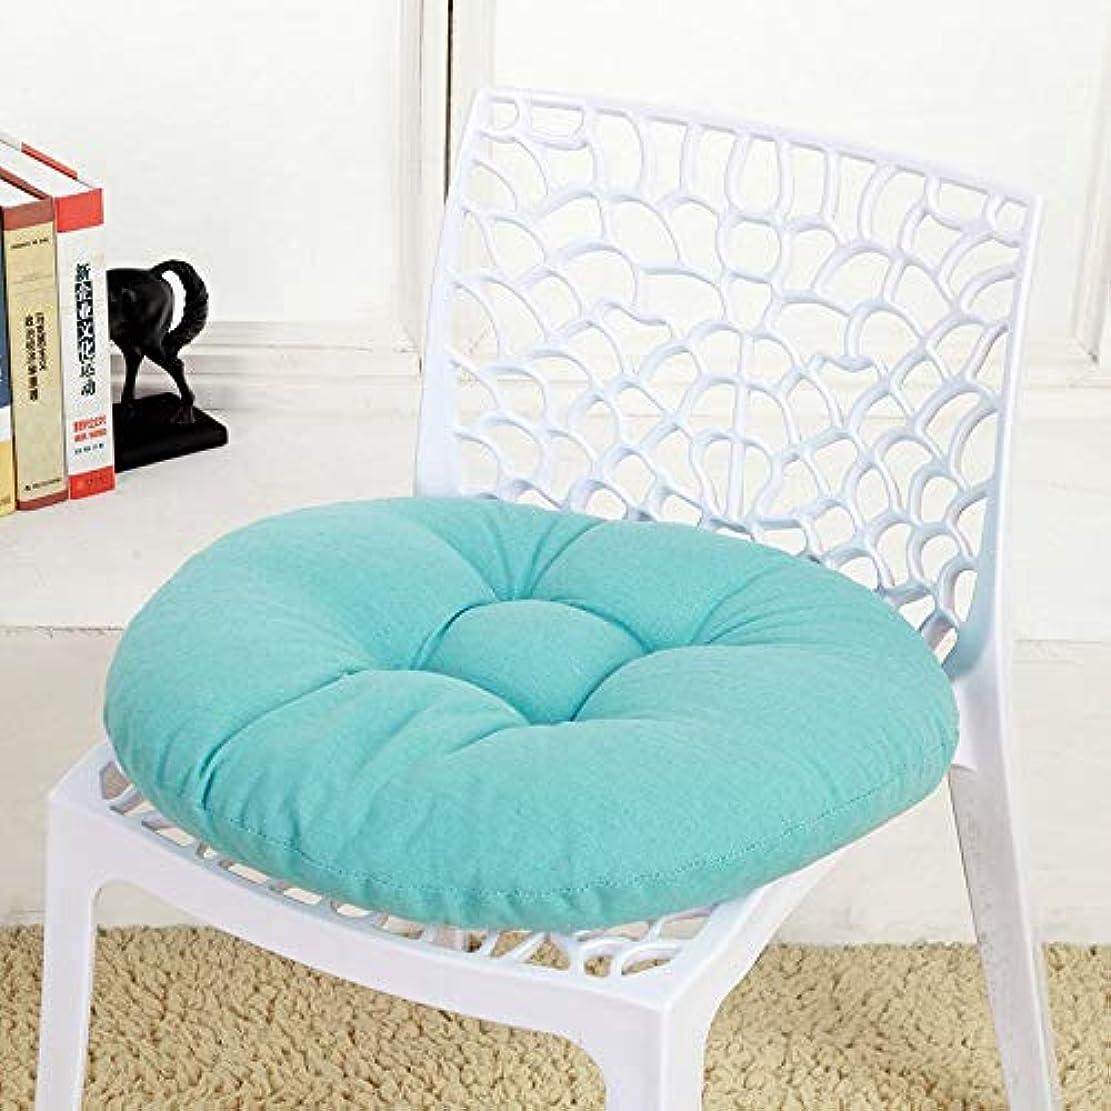 ゼロ不注意シェーバーLIFE キャンディカラーのクッションラウンドシートクッション波ウィンドウシートクッションクッション家の装飾パッドラウンド枕シート枕椅子座る枕 クッション 椅子